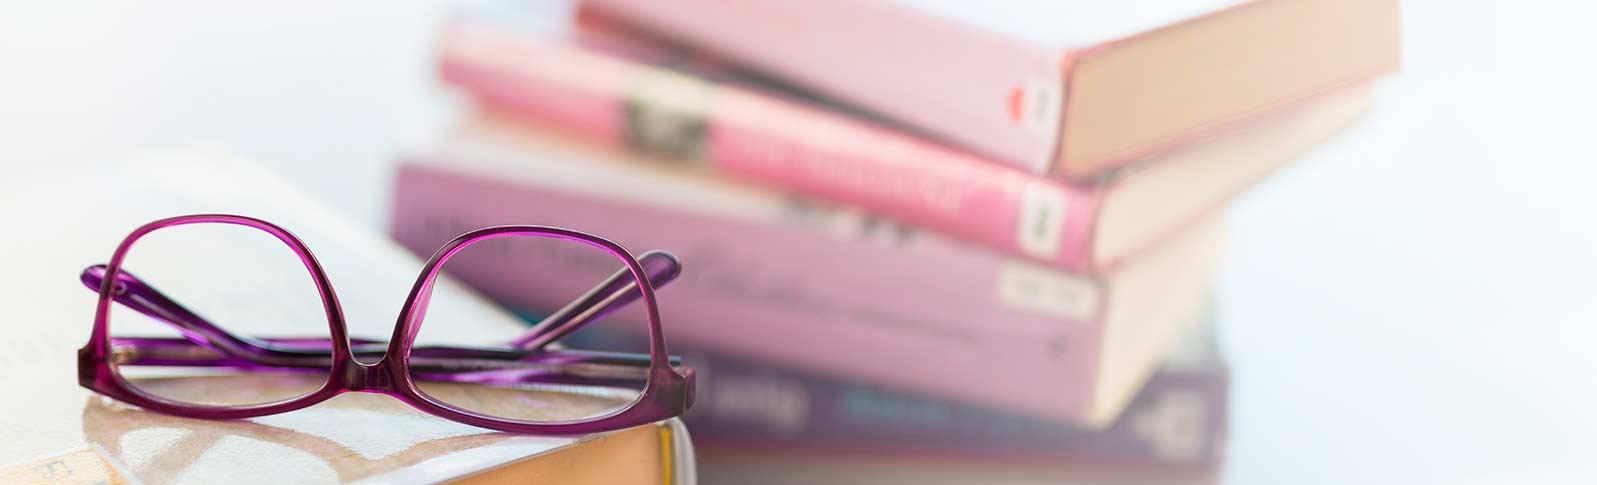 bøker og briller på et bord